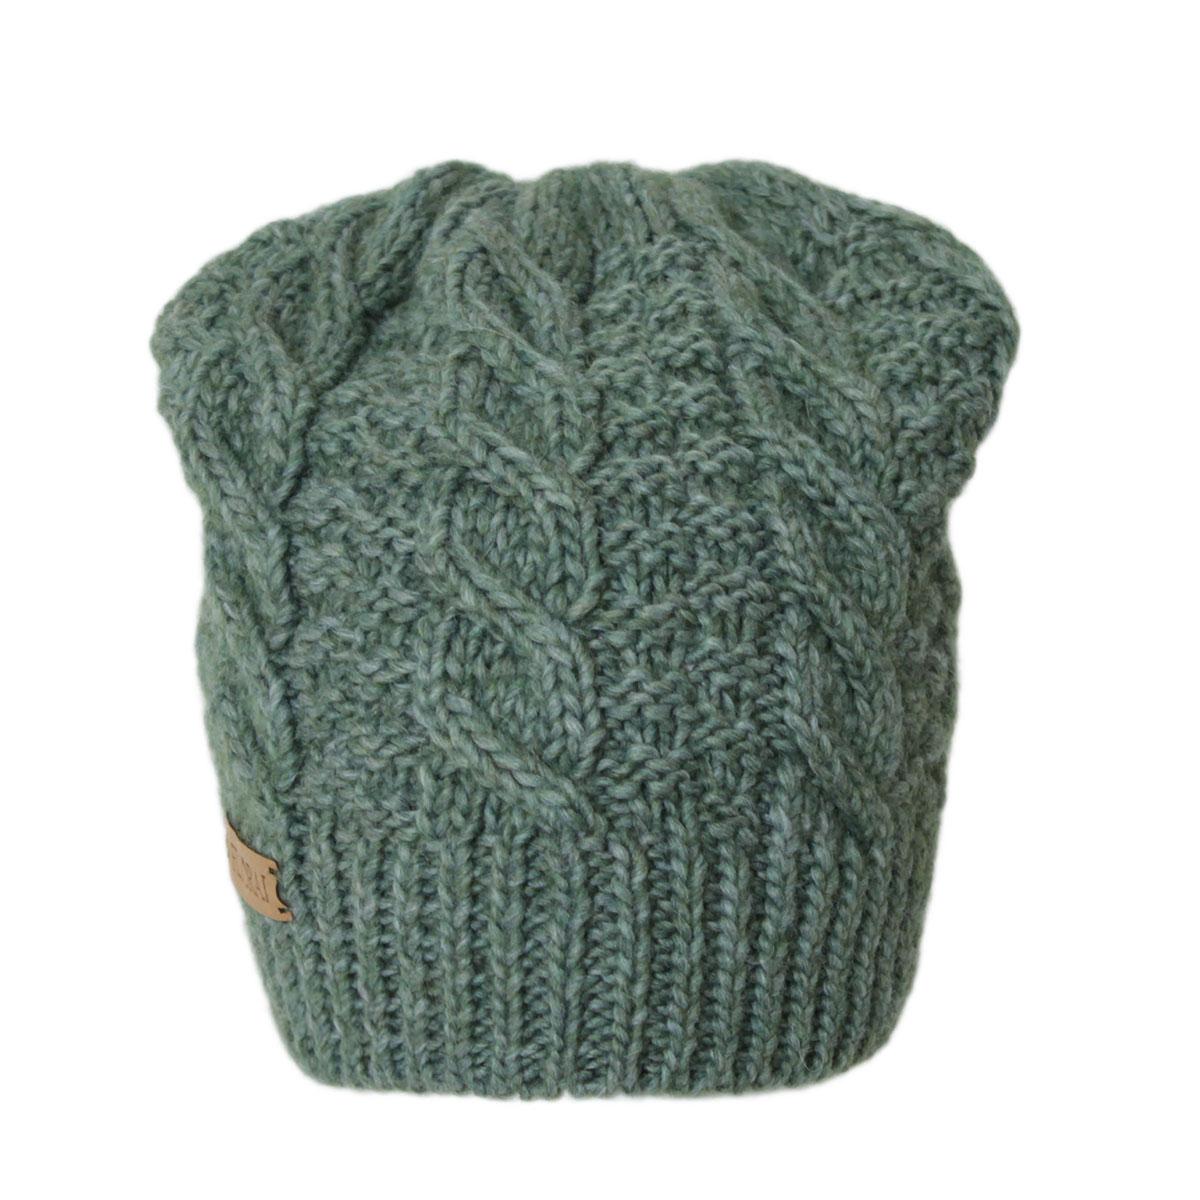 306FJТеплая шапка Flioraj выполнена из овечьей шерсти и шерсти горной альпаки с добавлением полиакрила и вискозы. Модель имеет крупную плотную вязку, оформлена оригинальным вязаным рисунком и декорирована фирменным кожаным логотипом. Уважаемые клиенты! Размер, доступный для заказа, является обхватом головы.